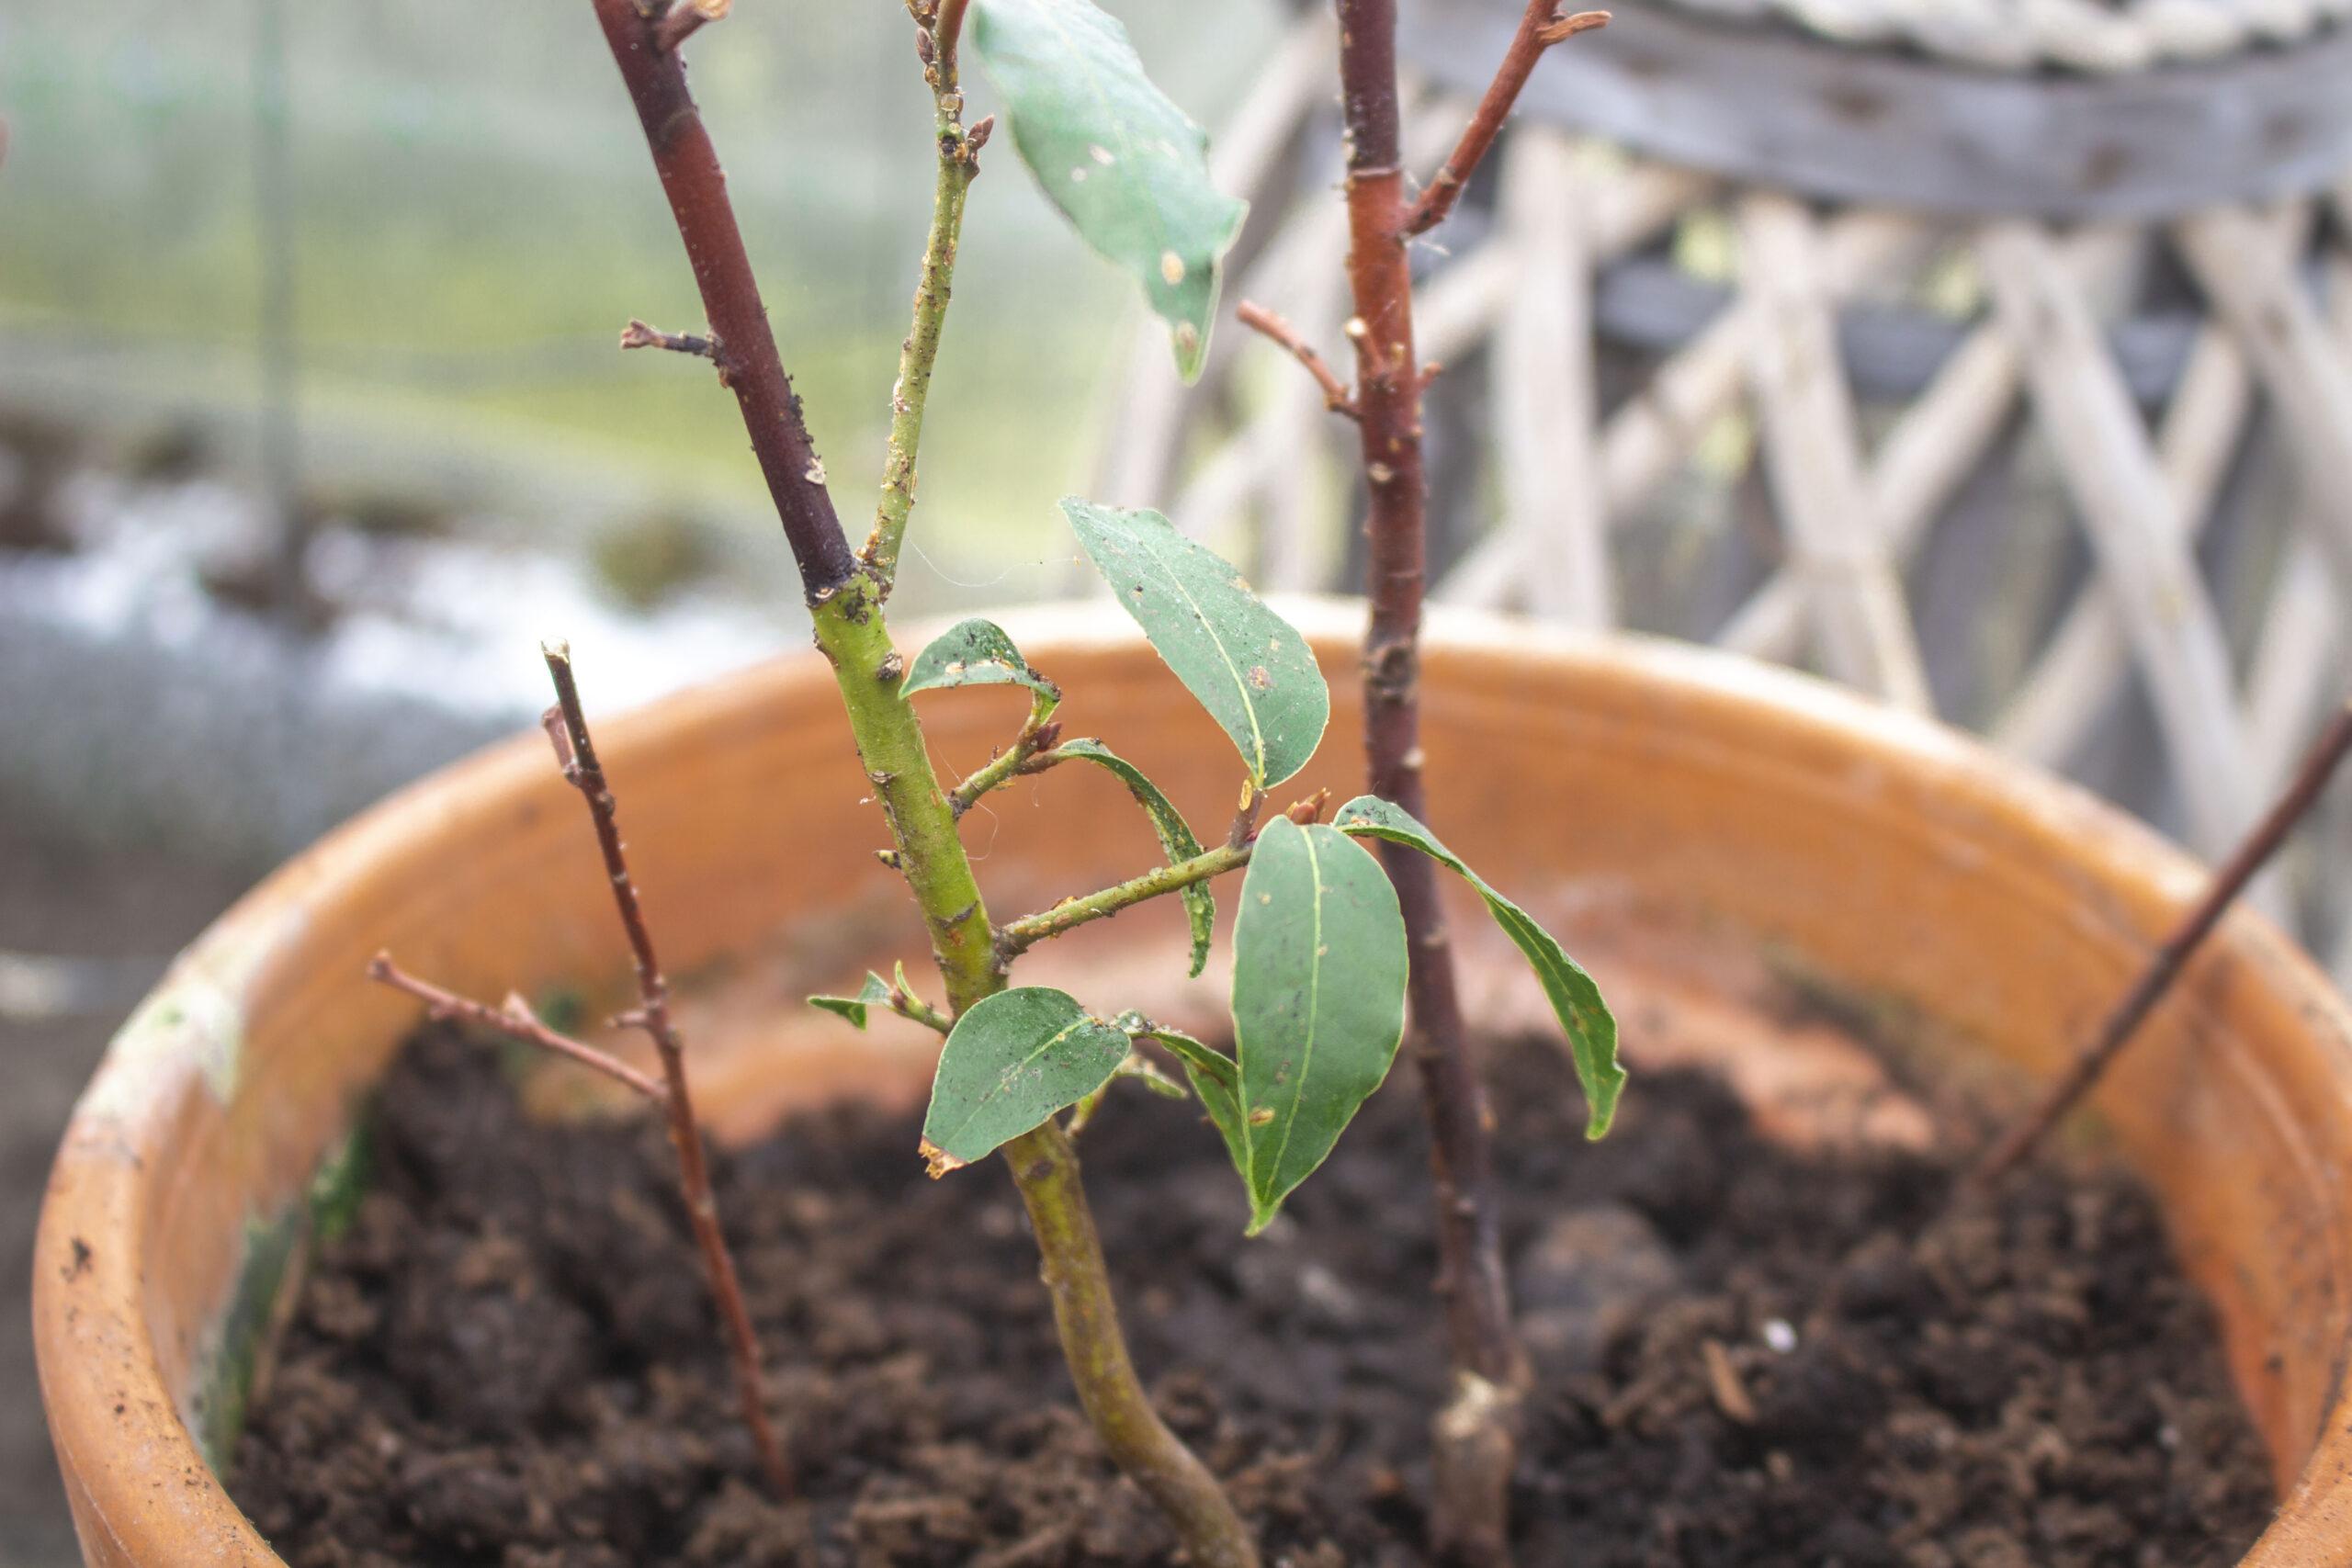 Tørring af laurbærblade